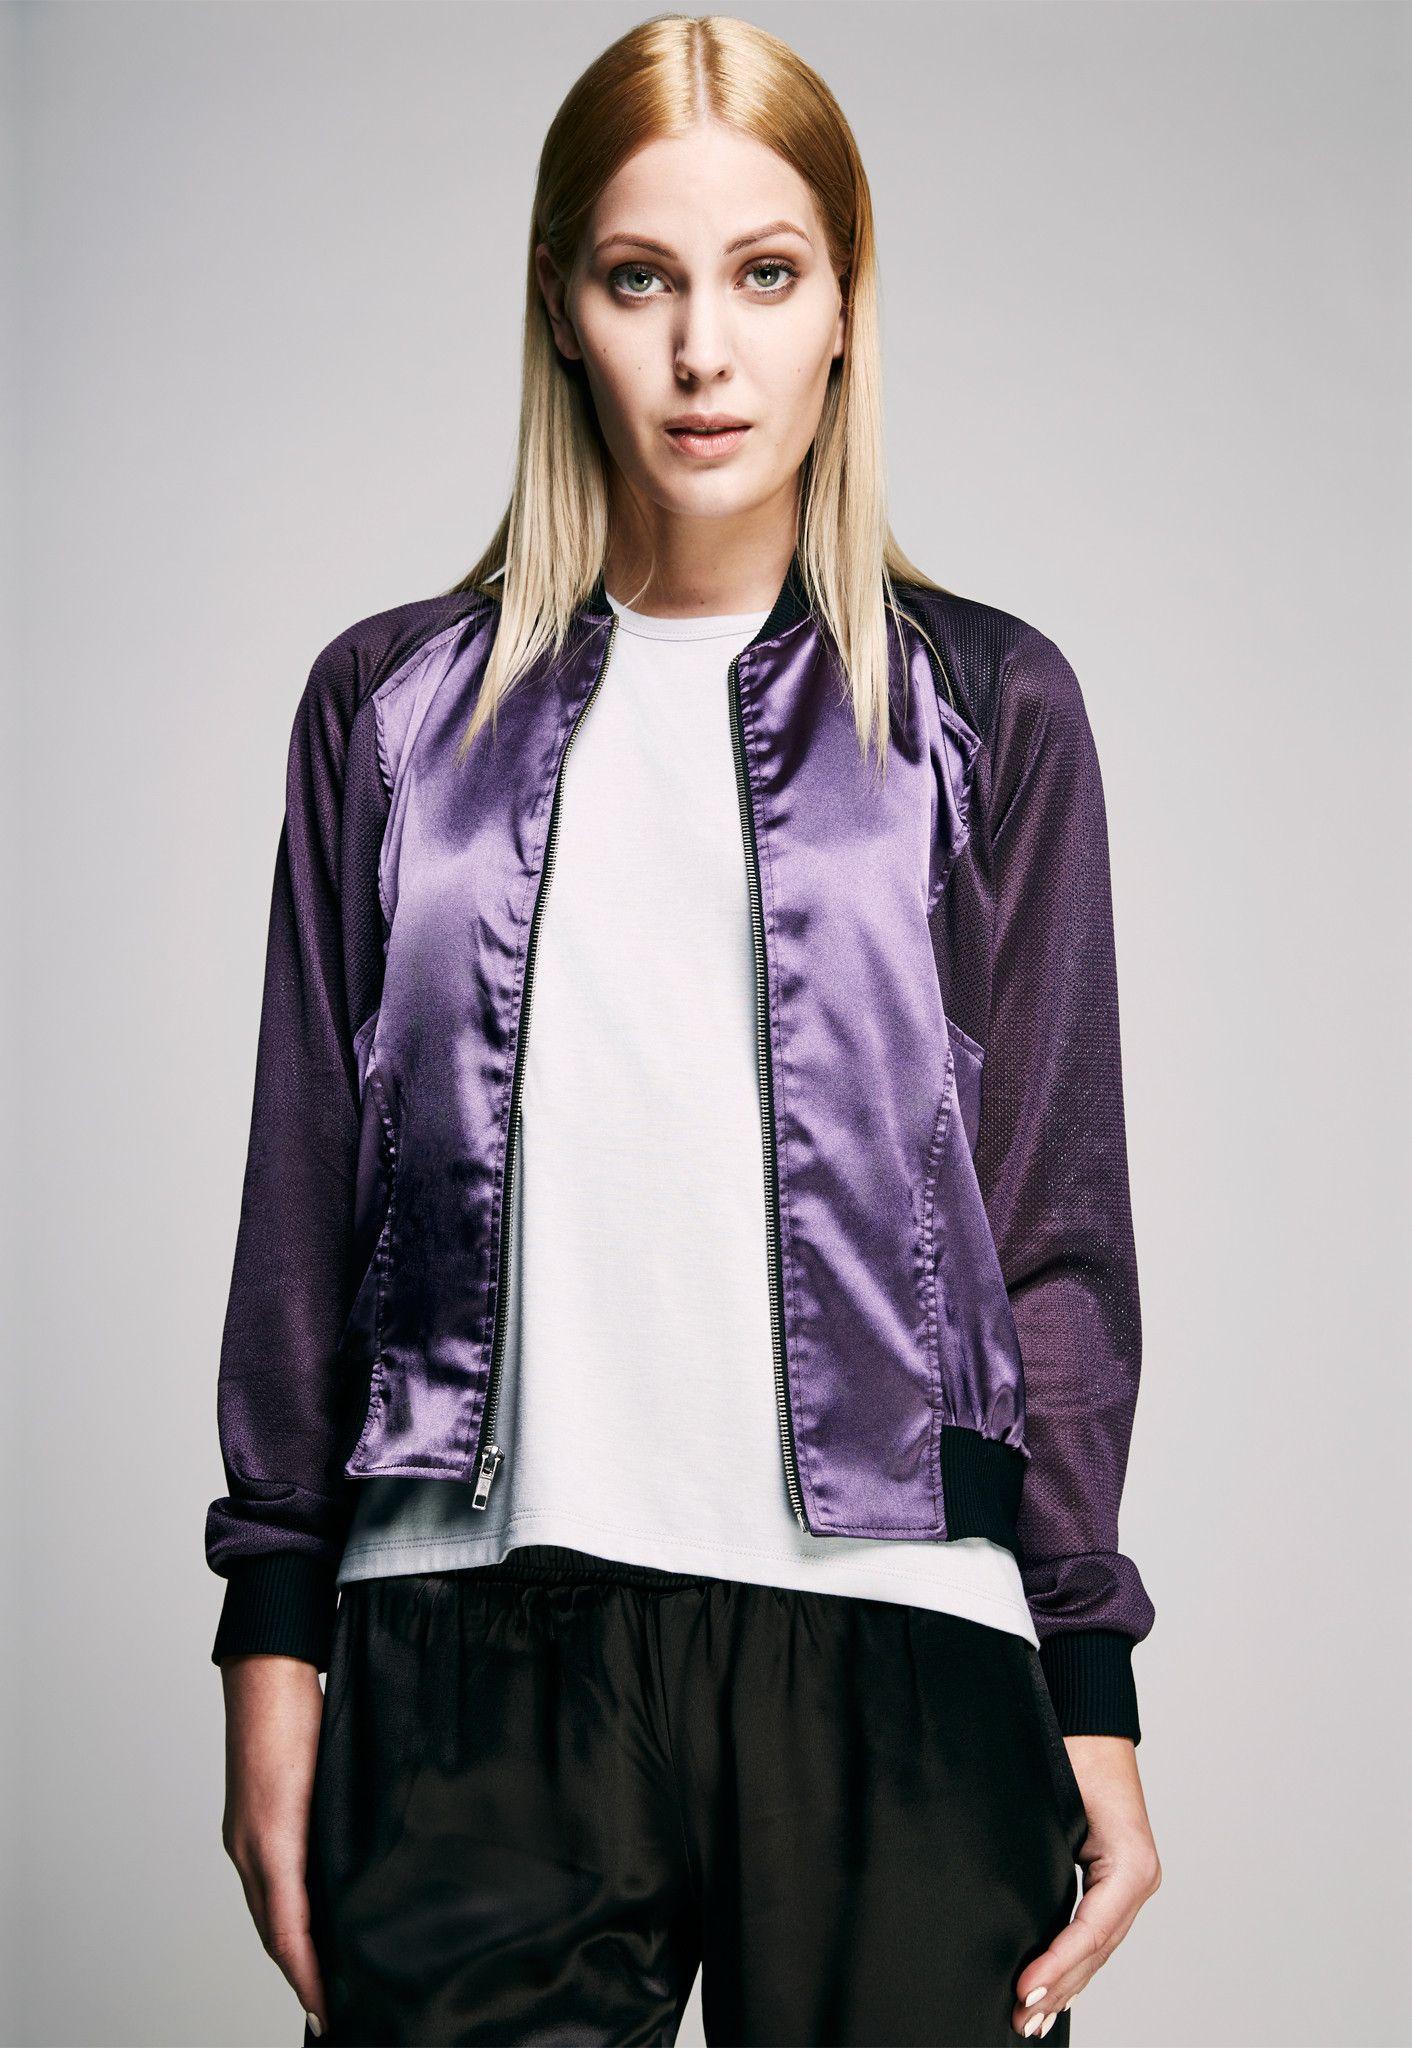 Shiny Purple Satin Bomber Jacket with Nylon Sports Mesh | CY ...